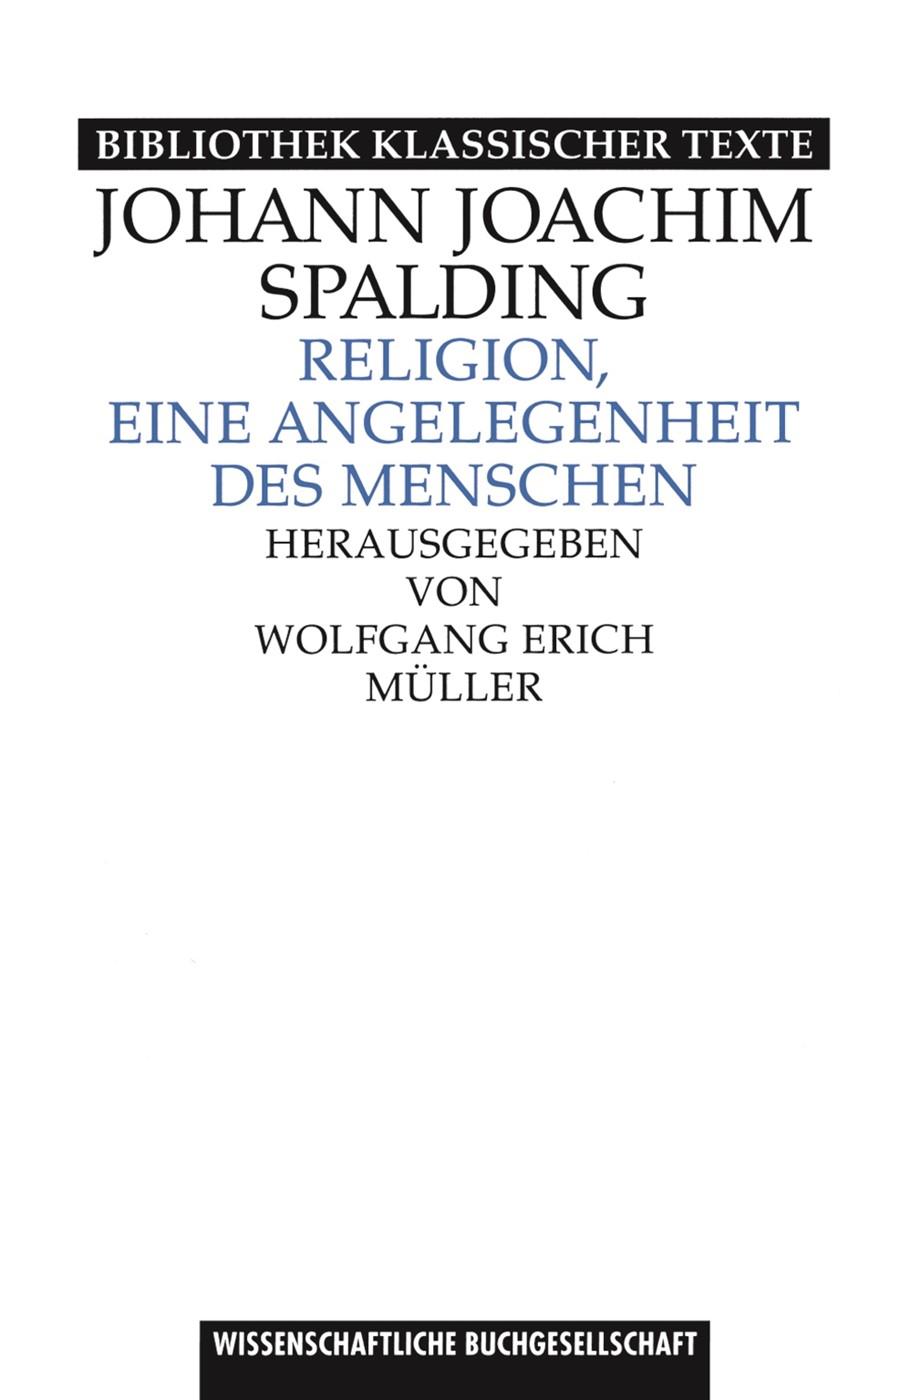 Religion, eine Angelegenheit des Menschen | Müller / Spalding | Sonderausgabe des Neudrucks 1997, 2017 | Buch (Cover)